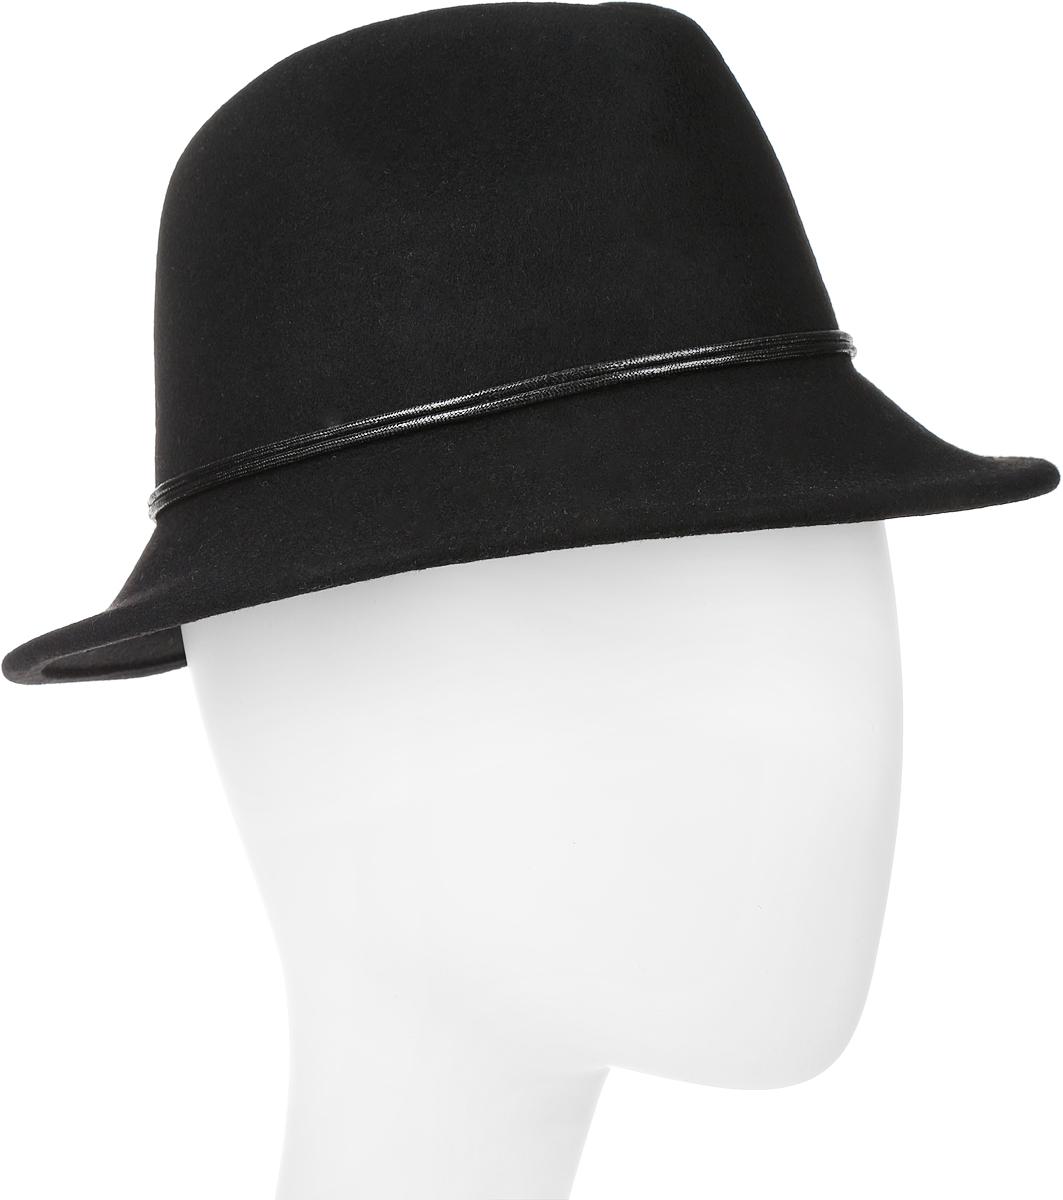 Шляпа женская Goorin Brothers, цвет: черный. 600-9323. Размер M (57)600-9323Элегантная женская шляпа Goorin Brothers, выполненная из натуральной шерсти, дополнит любой образ. Модель с узкими полями, невысокой А-образной тульей с продольными заломами и изогнутыми вниз полями. Шляпа-федора по тулье оформлена тонким двойным шнурком и дополнена металлическим элементом. Внутри модель дополнена плотной тесьмой для комфортной посадки изделия по голове. Аккуратные поля шляпы придадут вашему образу таинственности и шарма. Такая шляпа подчеркнет вашу неповторимость и прекрасный вкус.